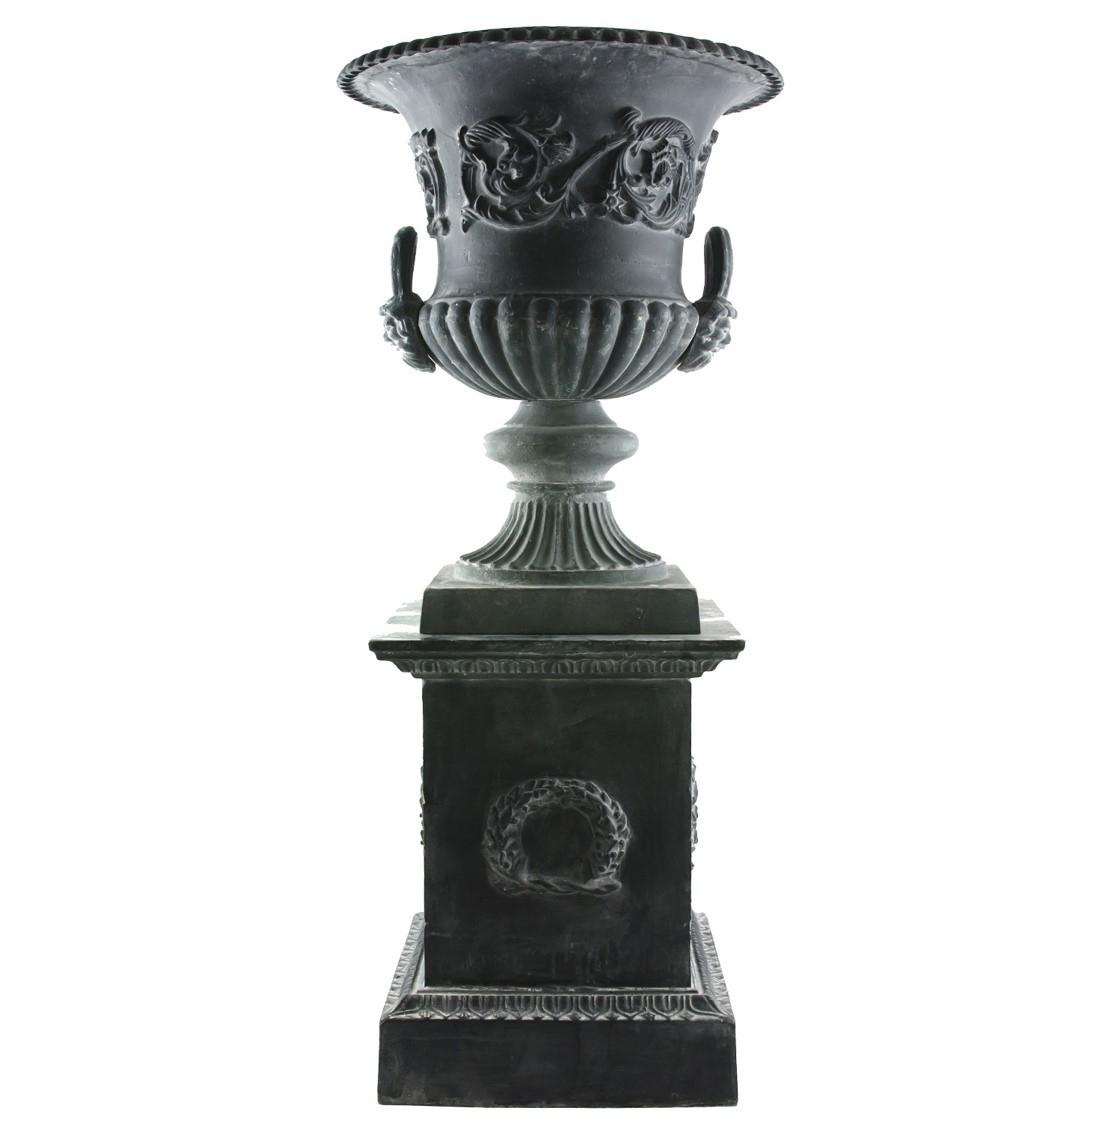 Lhéritier Du Temps Vase Vasque Jardiniere En Fonte Grise ... avec Pot En Fonte Pour Jardin